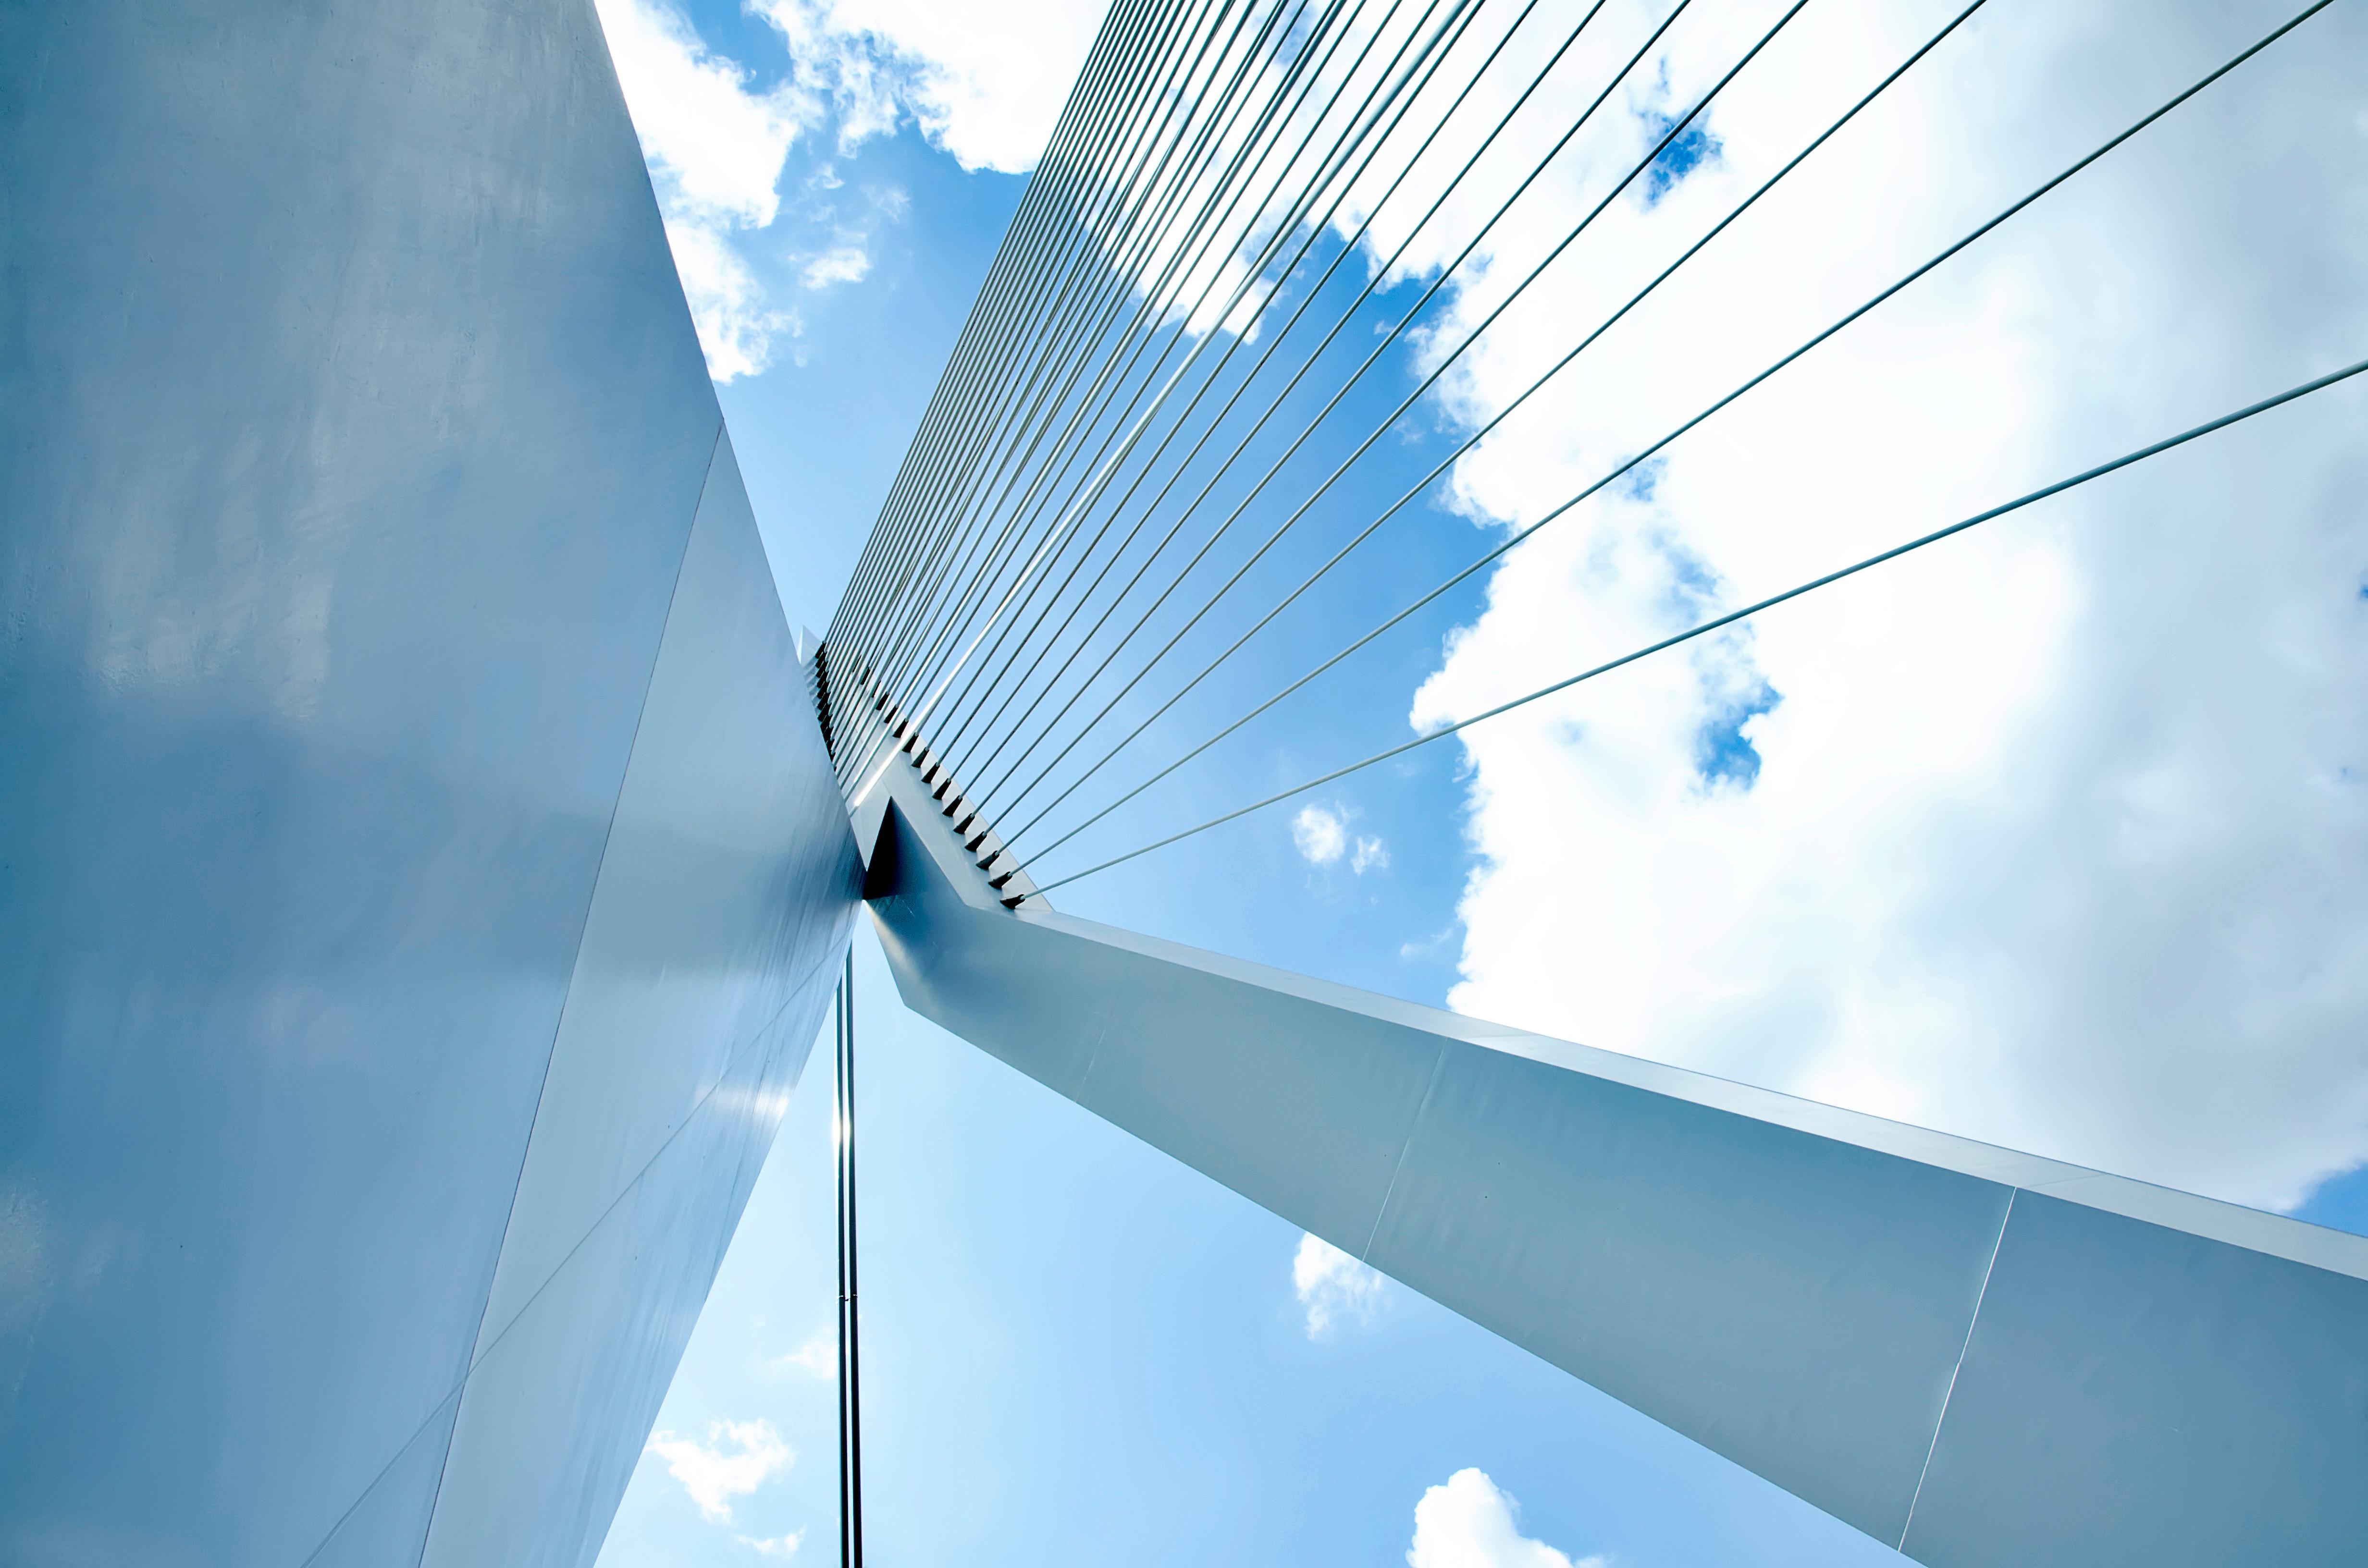 architectural-design-architecture-blue-sky-843264